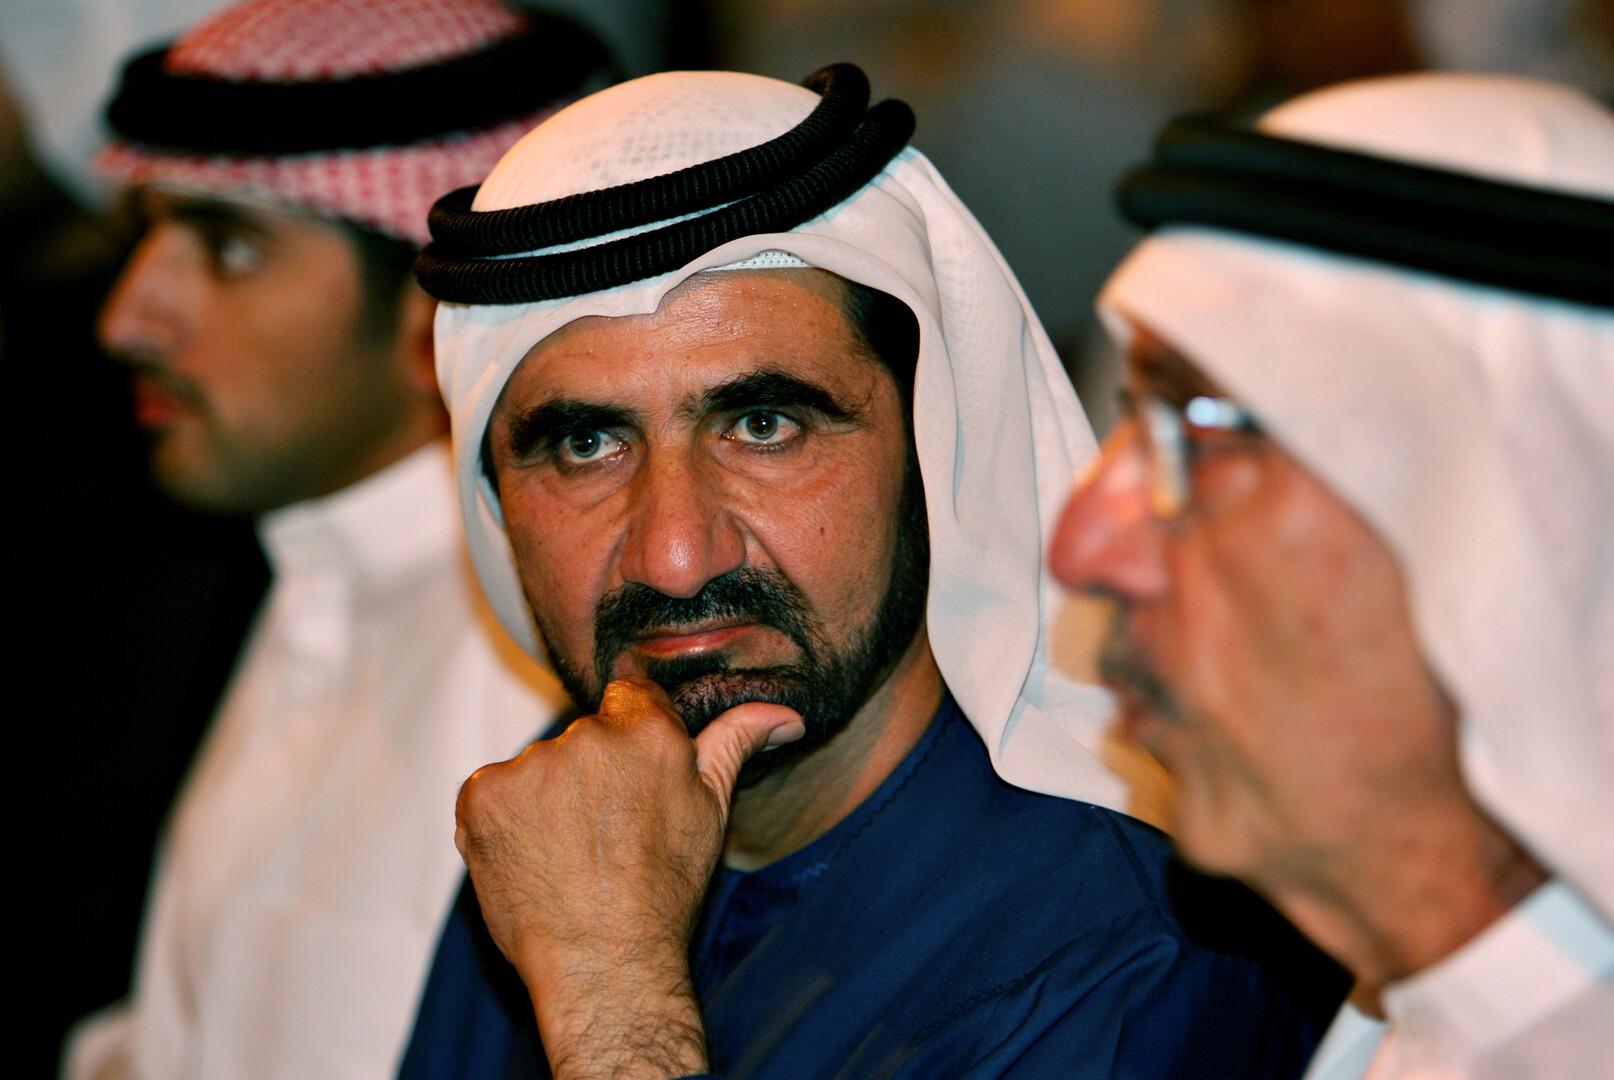 محمد بن راشد: متفائلون بالطريق الجديد الذي فتحناه لأجيالنا نحو الفضاء